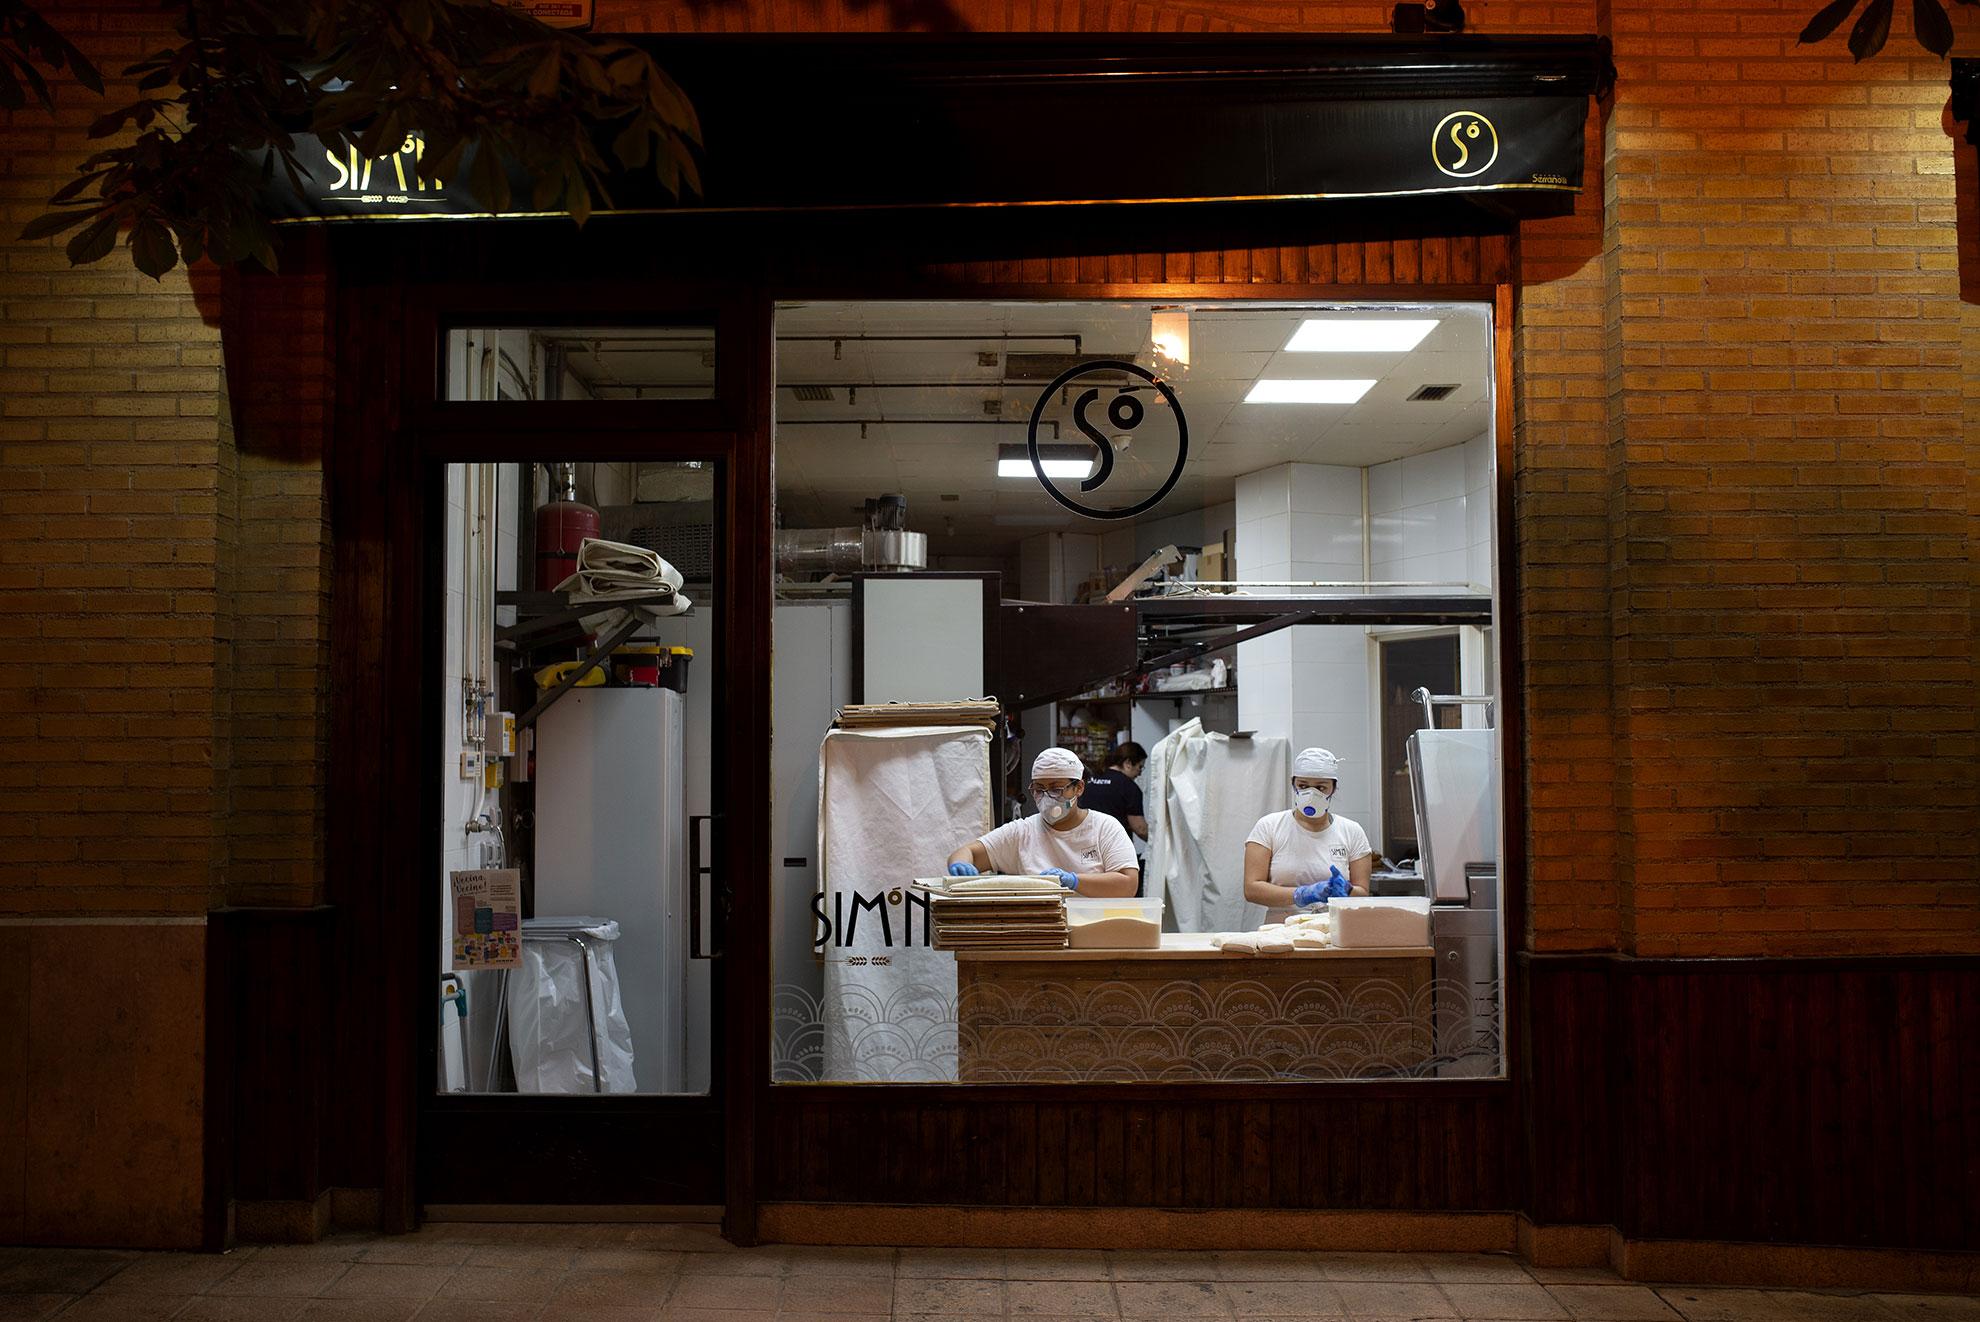 Trabajadoras de una panadería en el barrio de la Magdalena de Zaragoza, haciendo pan de madrugada. Todas las tiendas de venta de alimentos permanecen abiertas durante el estado de alarma.